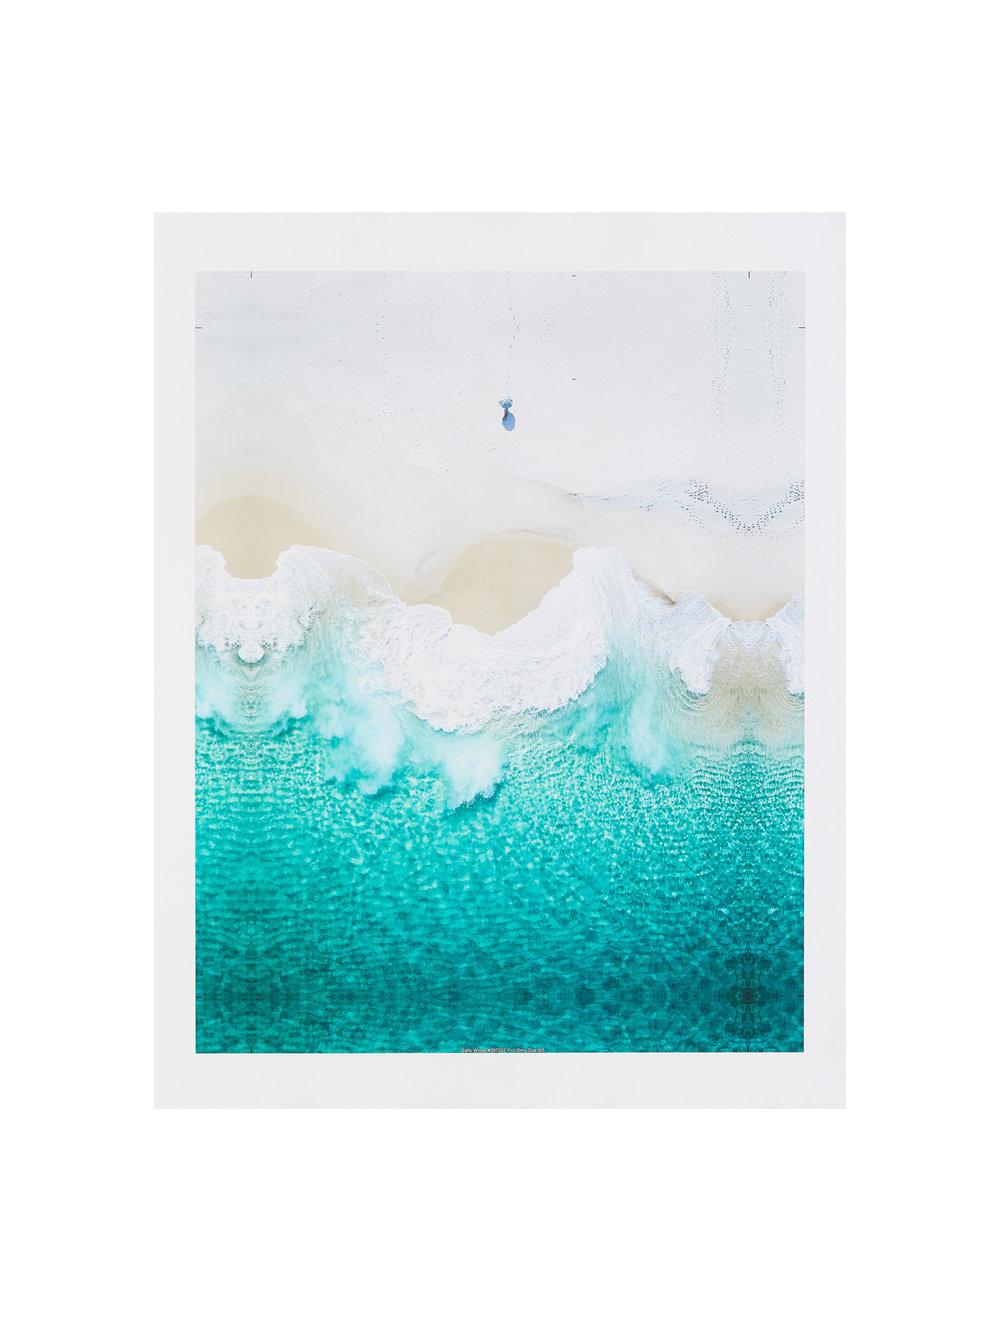 Salty Prints-222.jpg